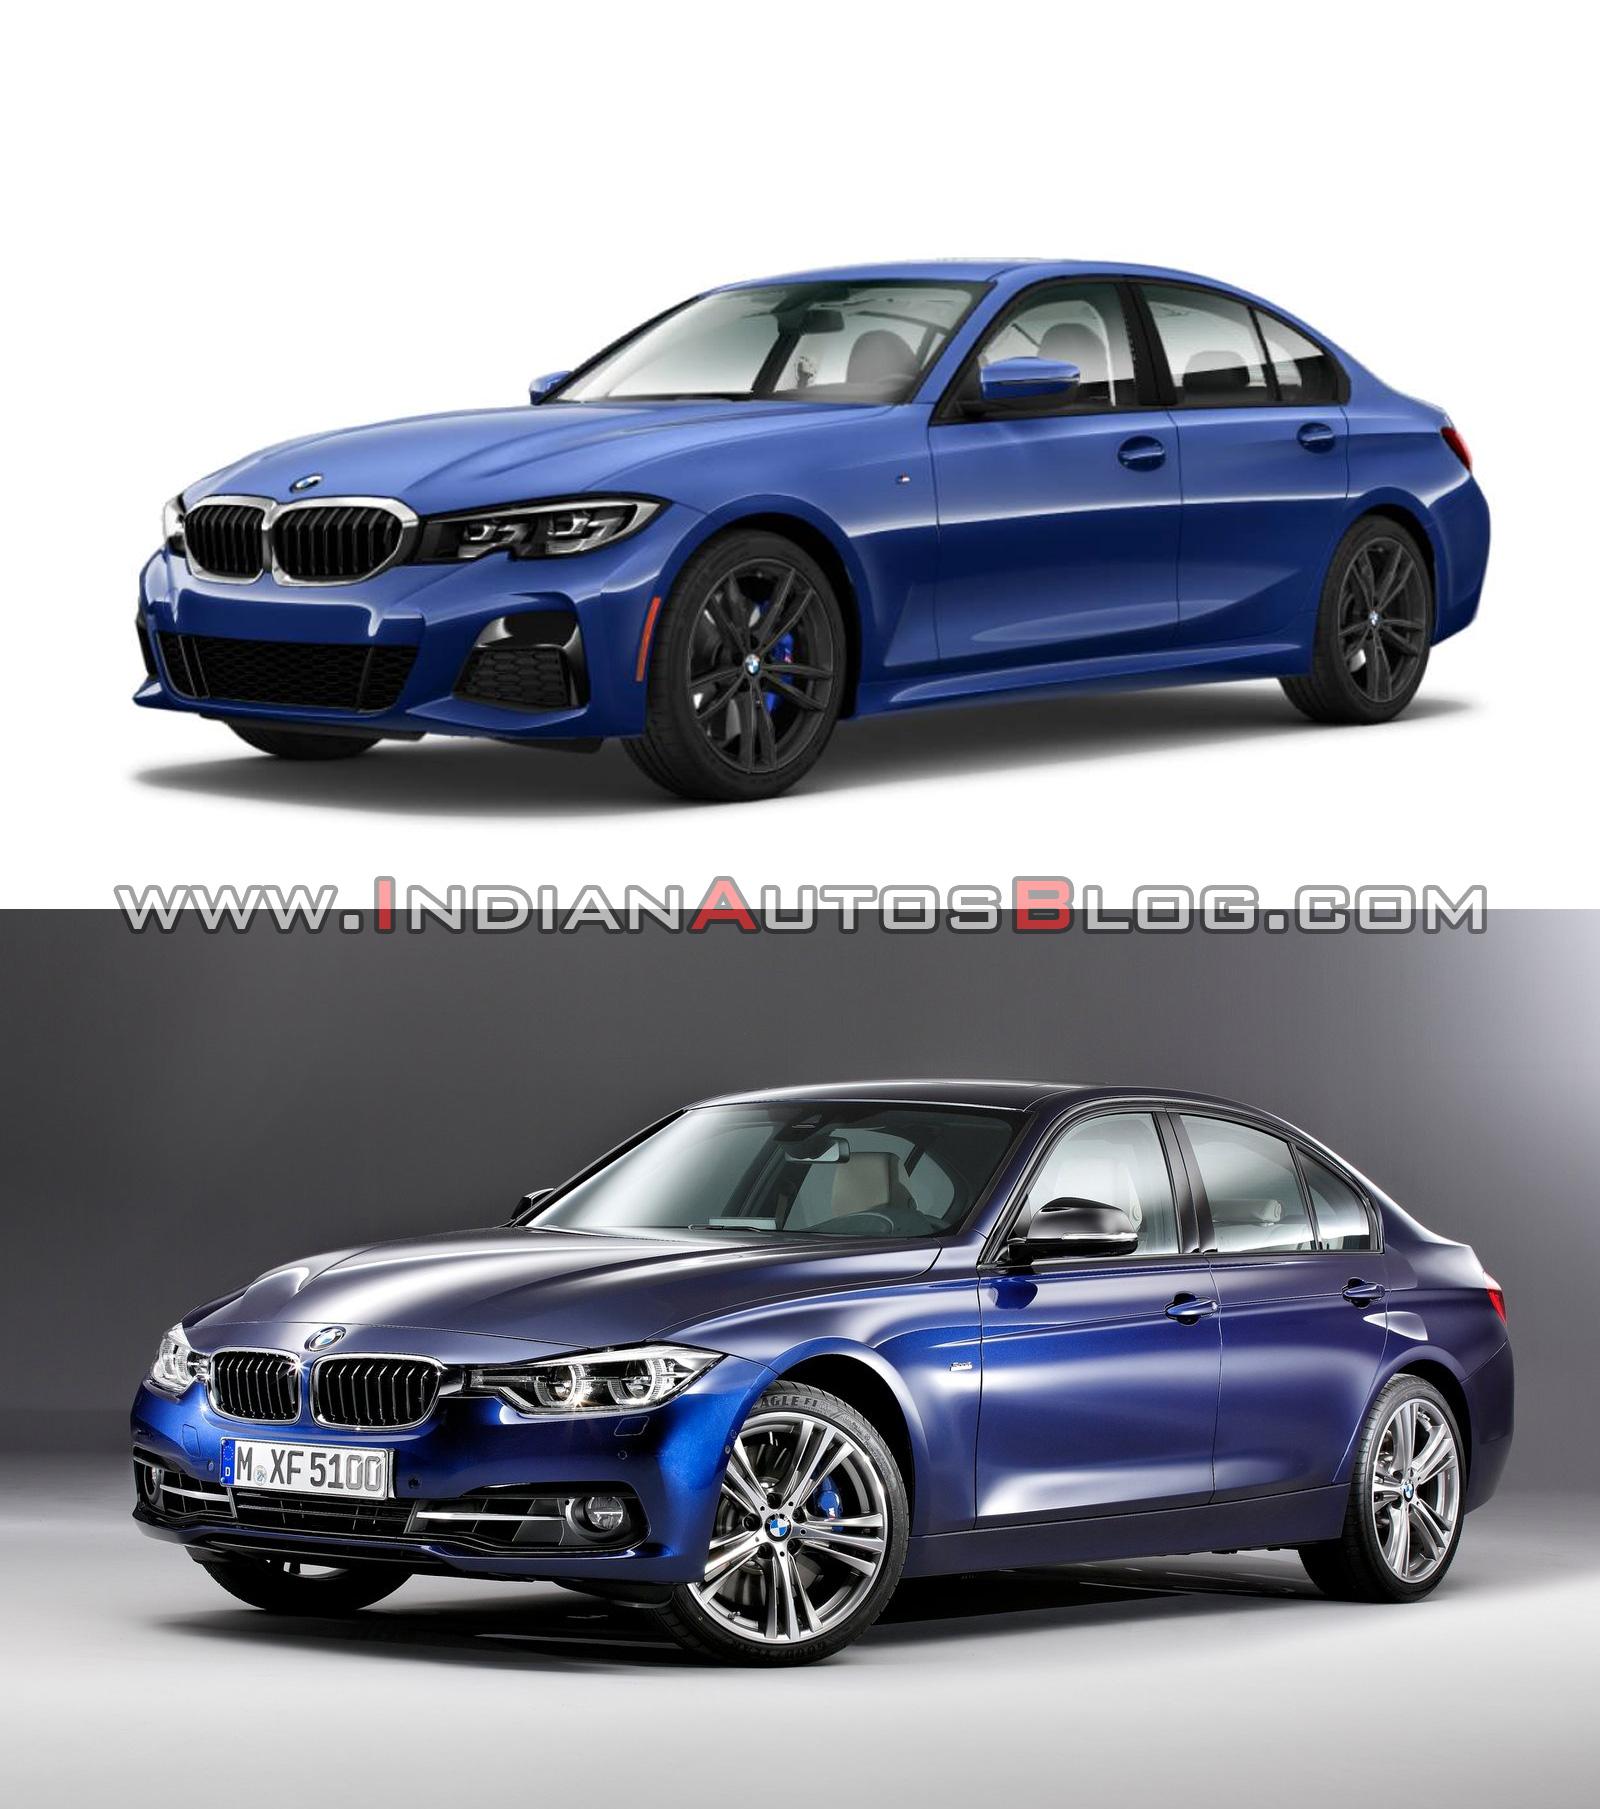 Bmw 2019: 2019 BMW 3 Series Vs 2015 BMW 3 Series